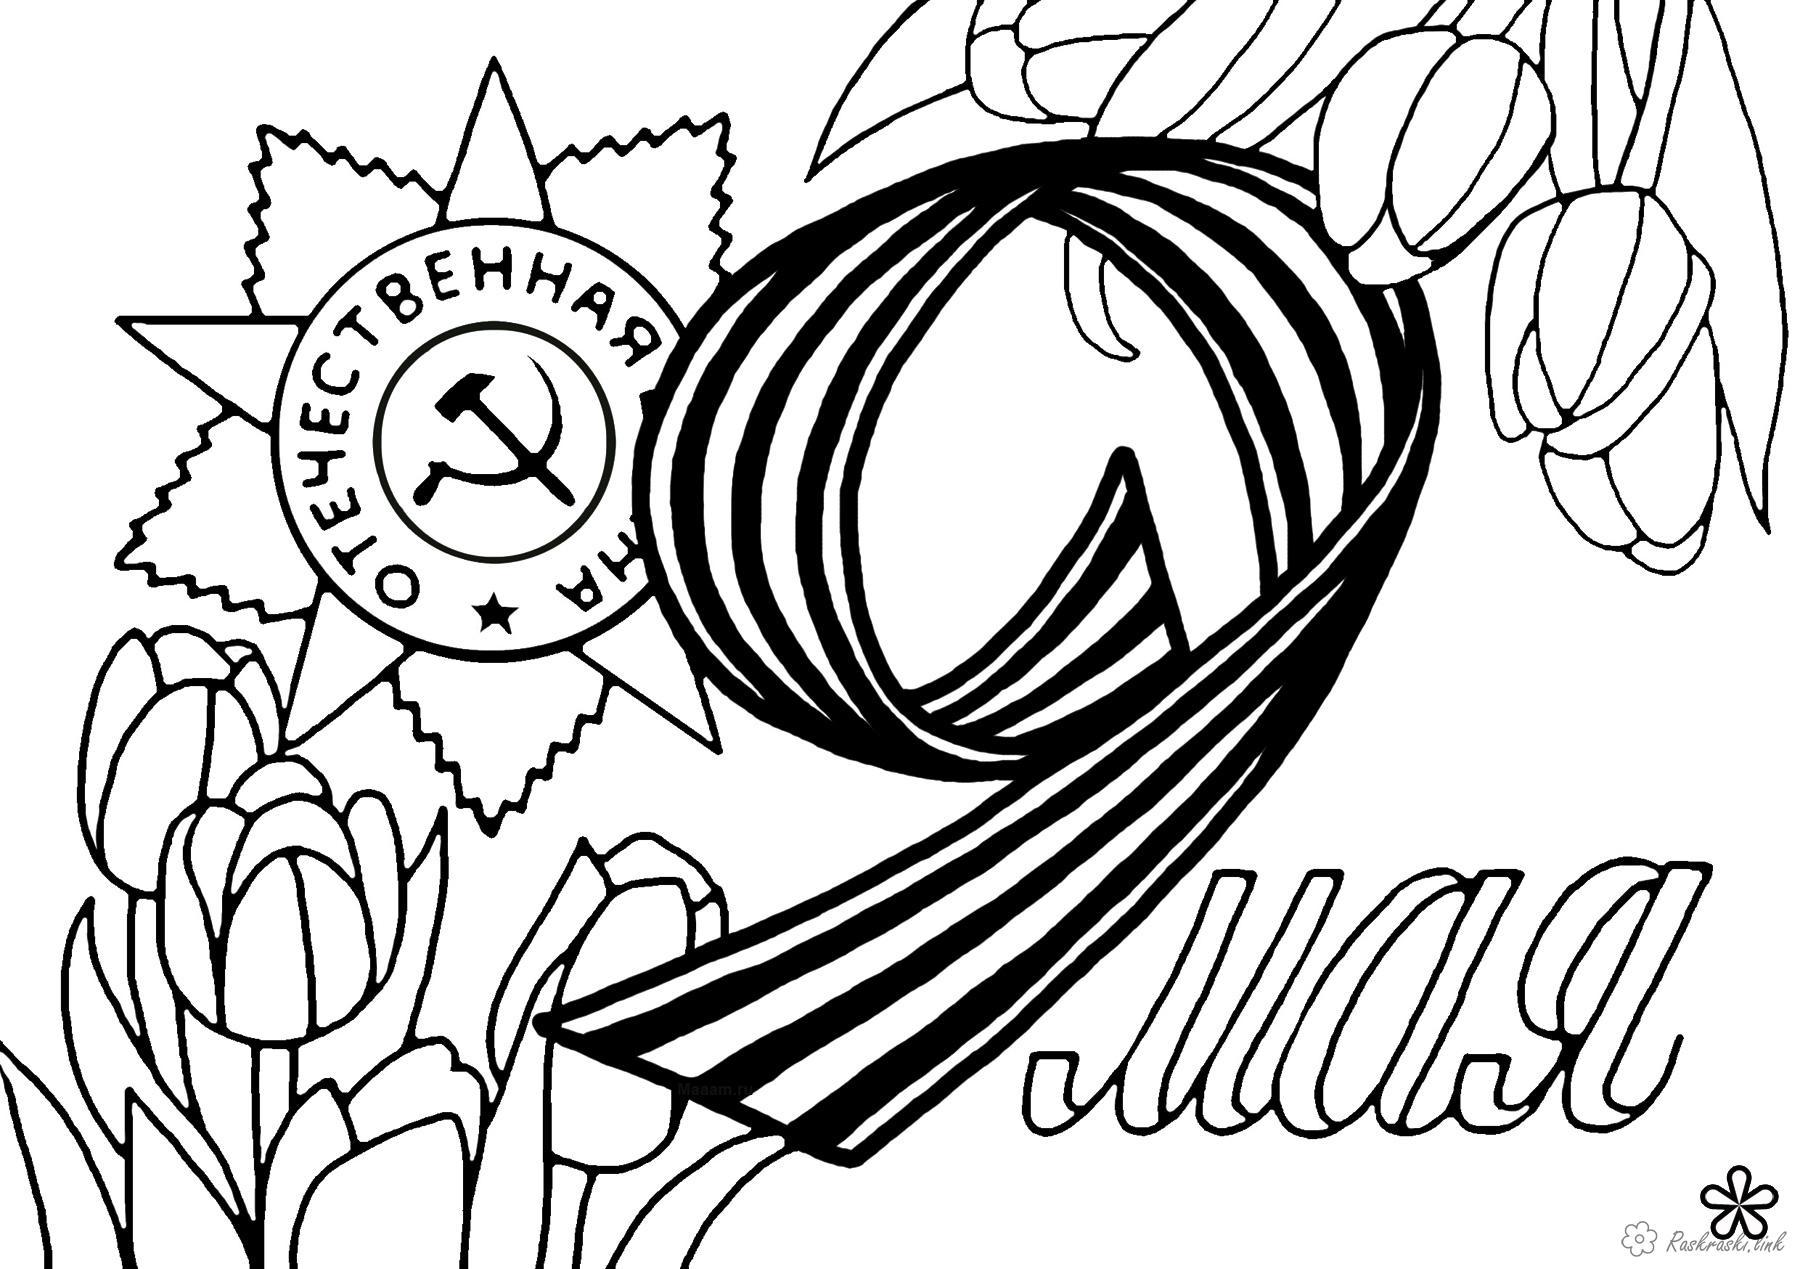 Розмальовки тюльпани розмальовки до 9 травня день перемоги дитячі, розфарбування георгіївська стрічка до 9 травня, тюльпани